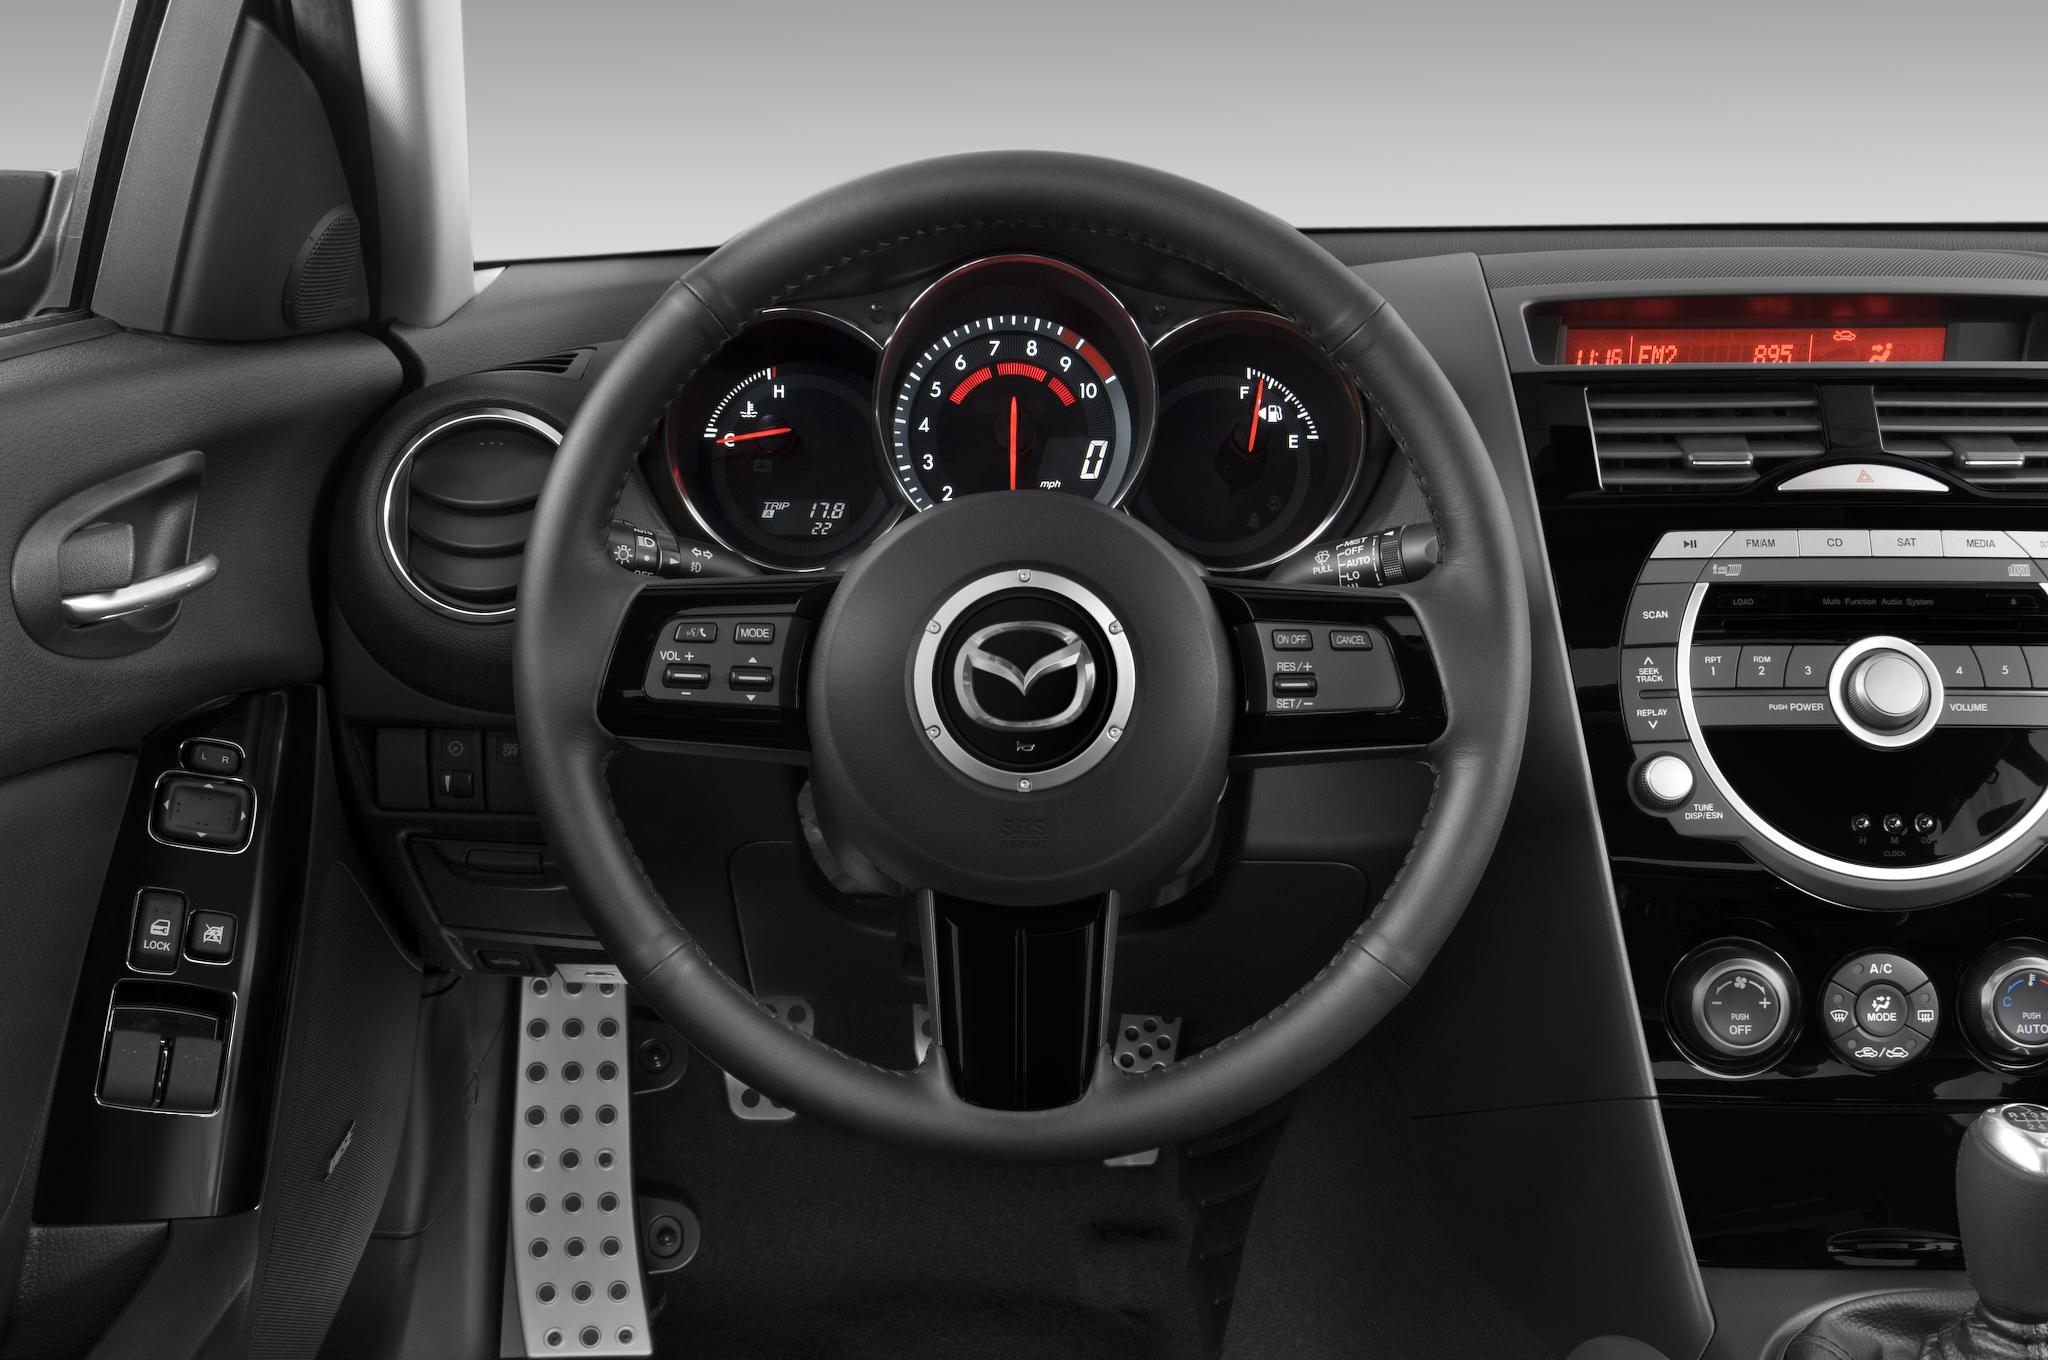 2010 mazda rx-8 r3 - mazda sport coupe review - automobile magazine